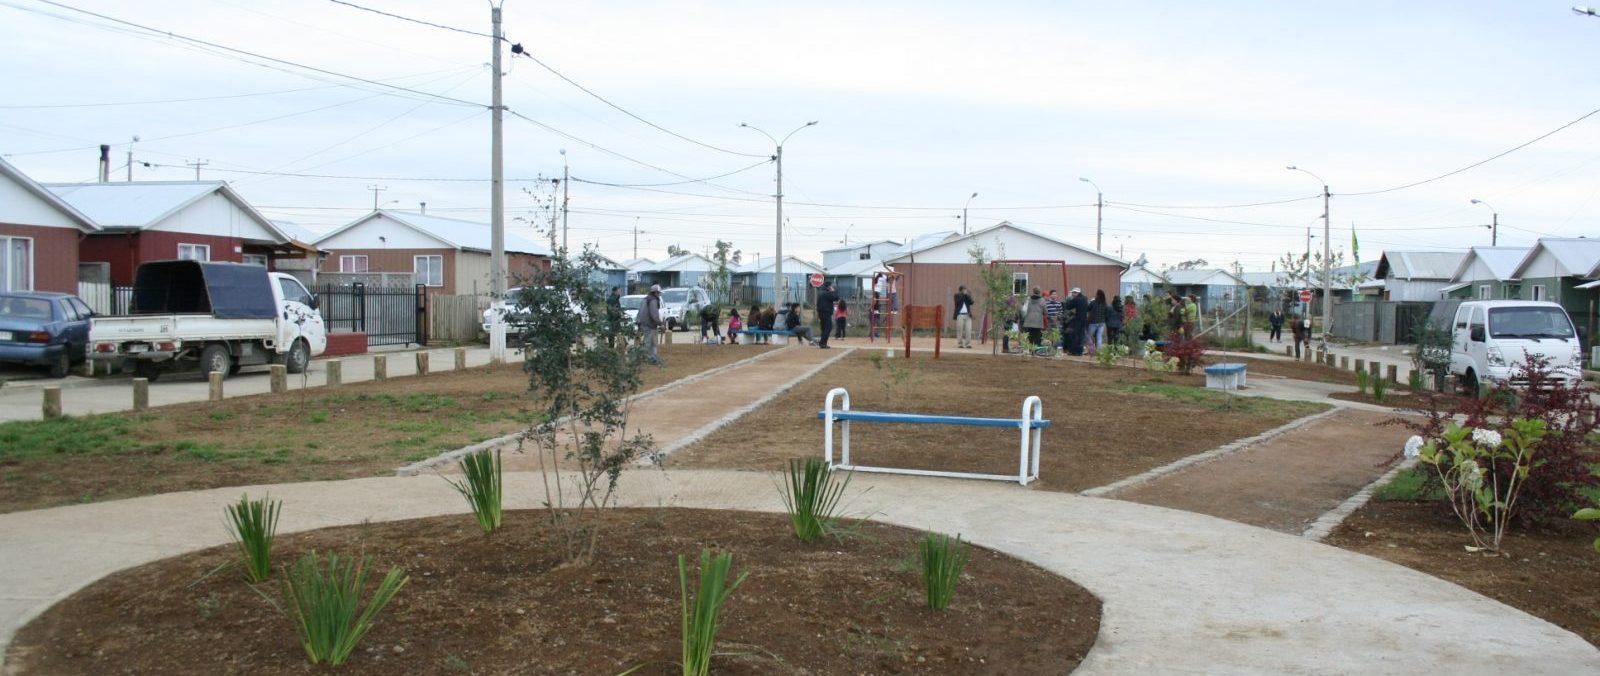 Se abre licitación para construir 600 nuevas viviendas en Valdivia